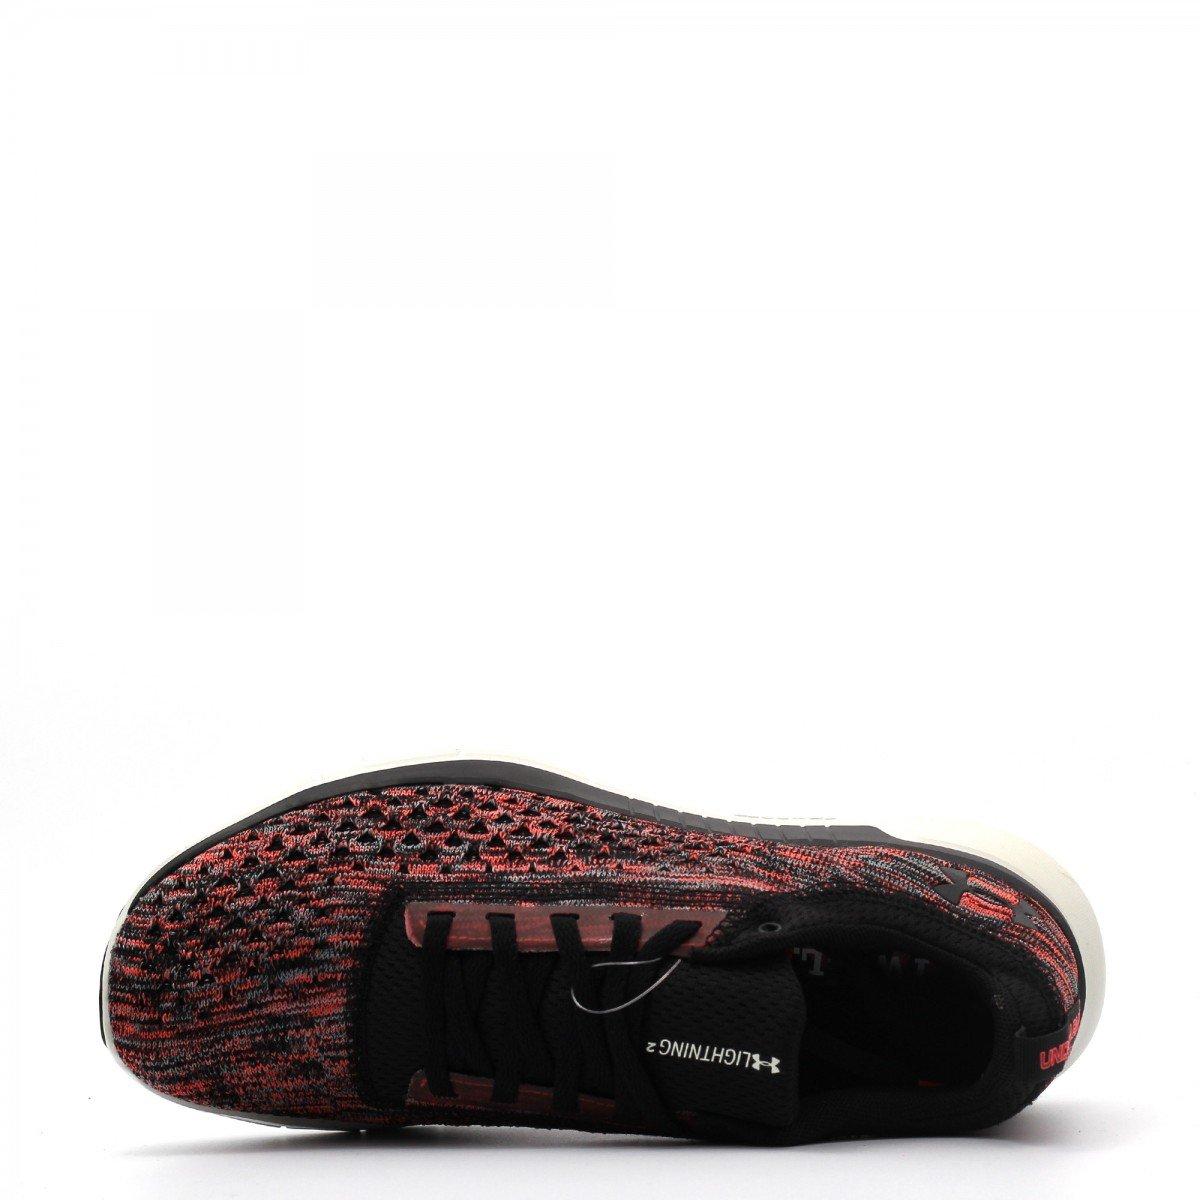 Under Armour UA Lightning 2 Chaussures de Running Homme